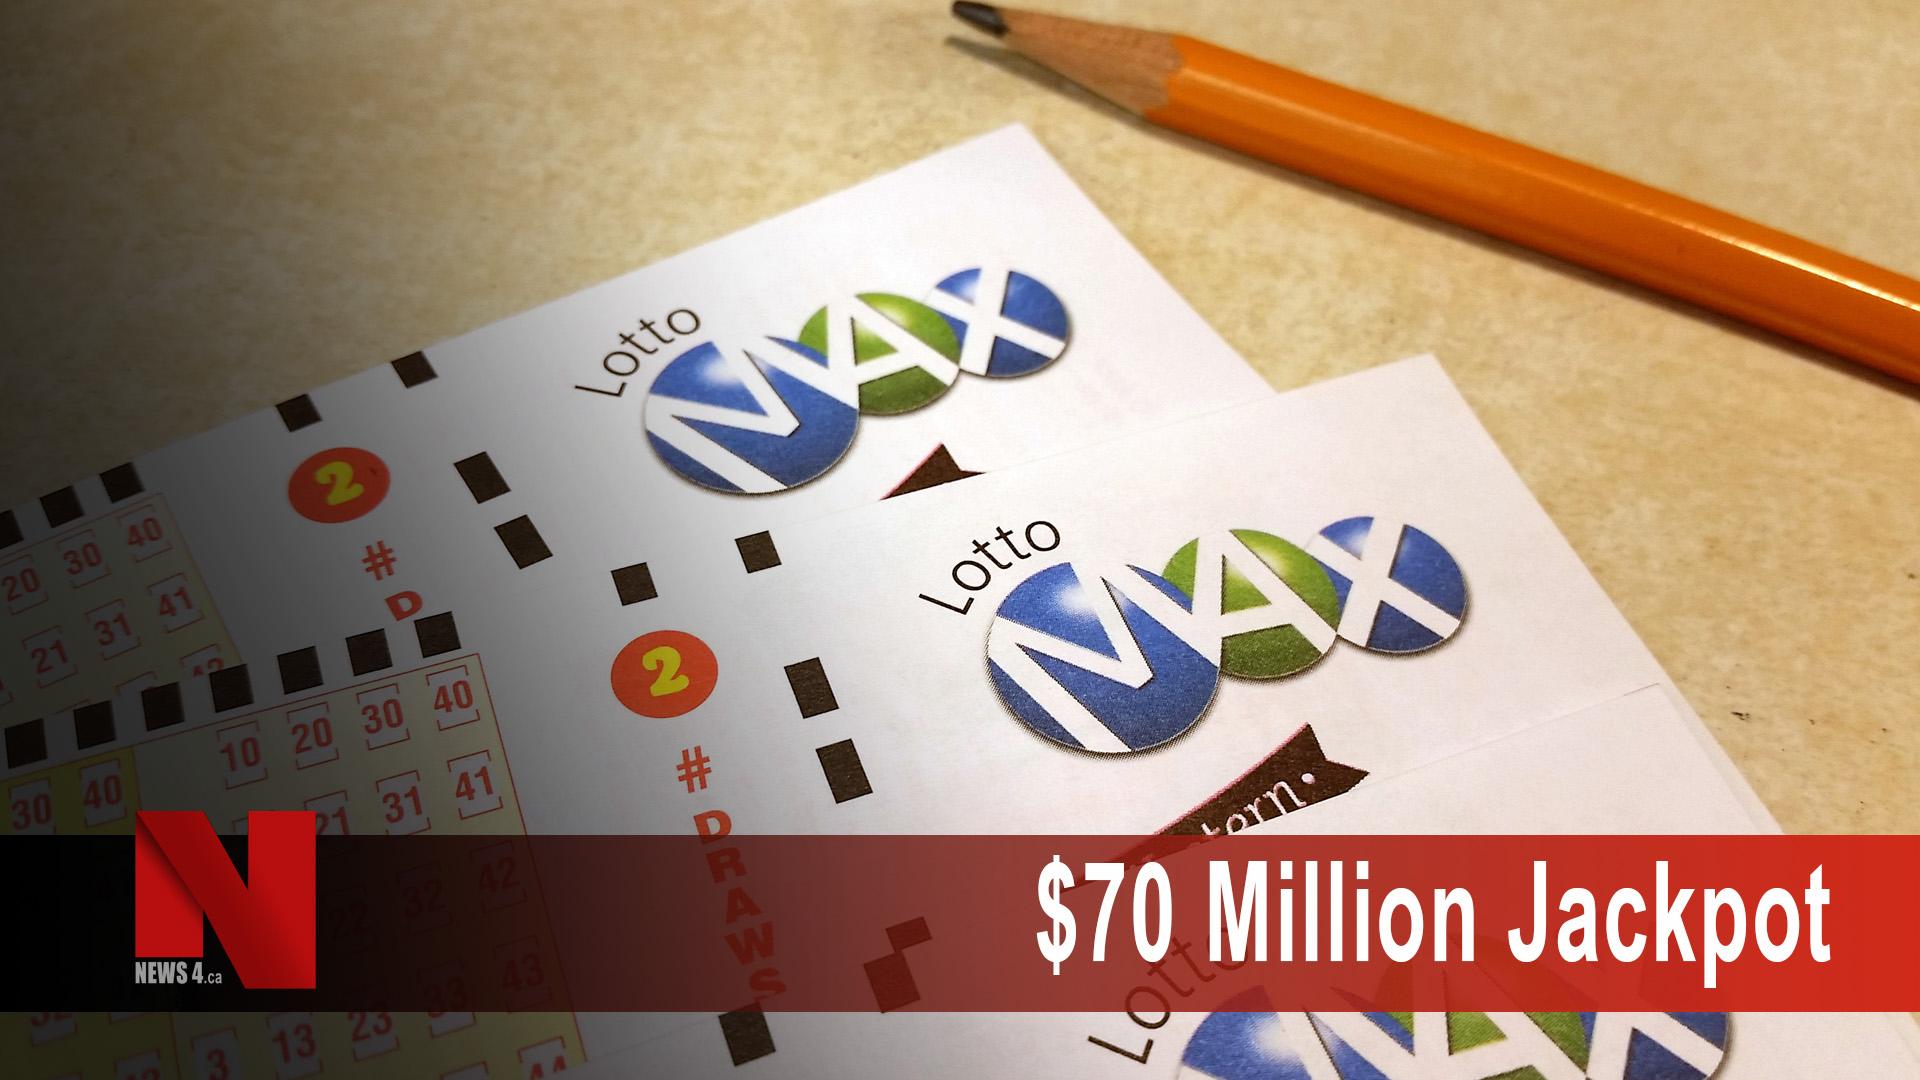 $70 million jackpot